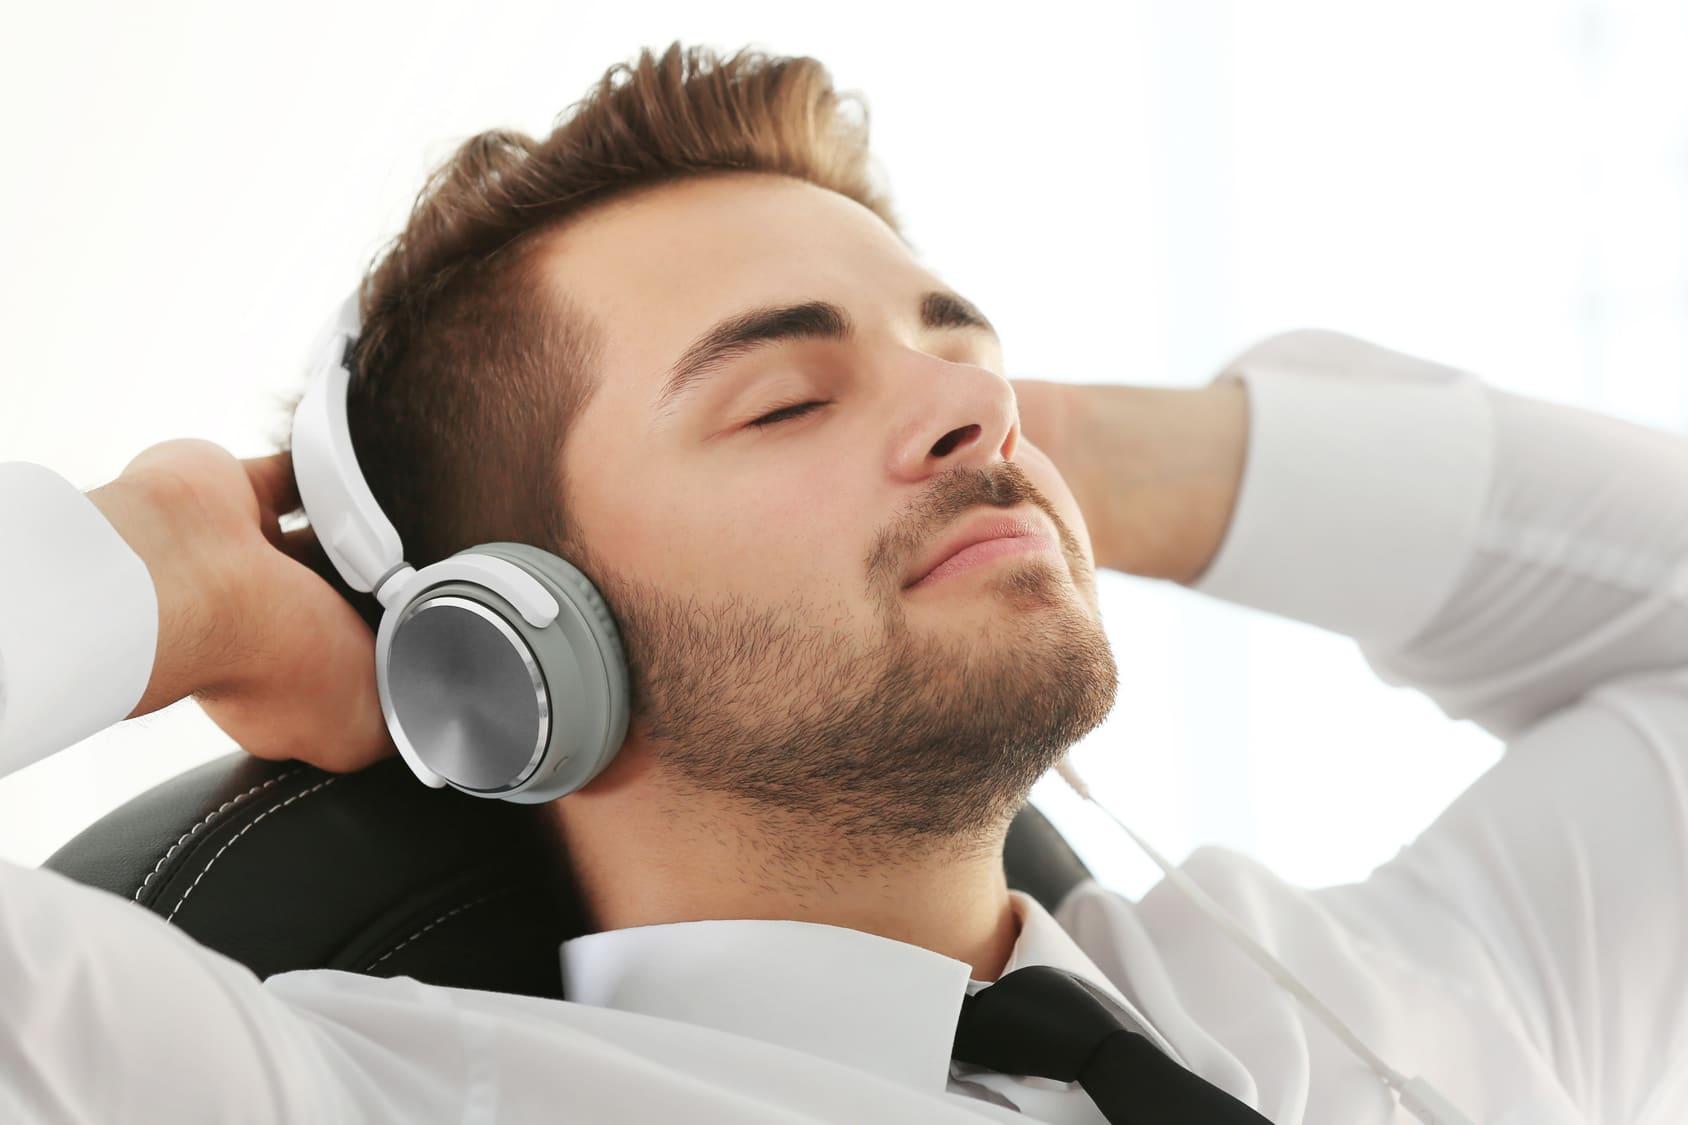 Ein junger Mann liegt auf einem Sofa und hat die Augen geschlossen. Er hat große Kopfhörer auf den Ohren und hört sich eine Hypnose CD Selbstbewusstsein stärken an. Er lächelt leicht und hat die Arme hinter seinem Kopf verschränkt. Bekleidet ist er mit einem weissen Hemd und einer schwarzen Kravatte. Der Hintergrund ist glanz weiss.